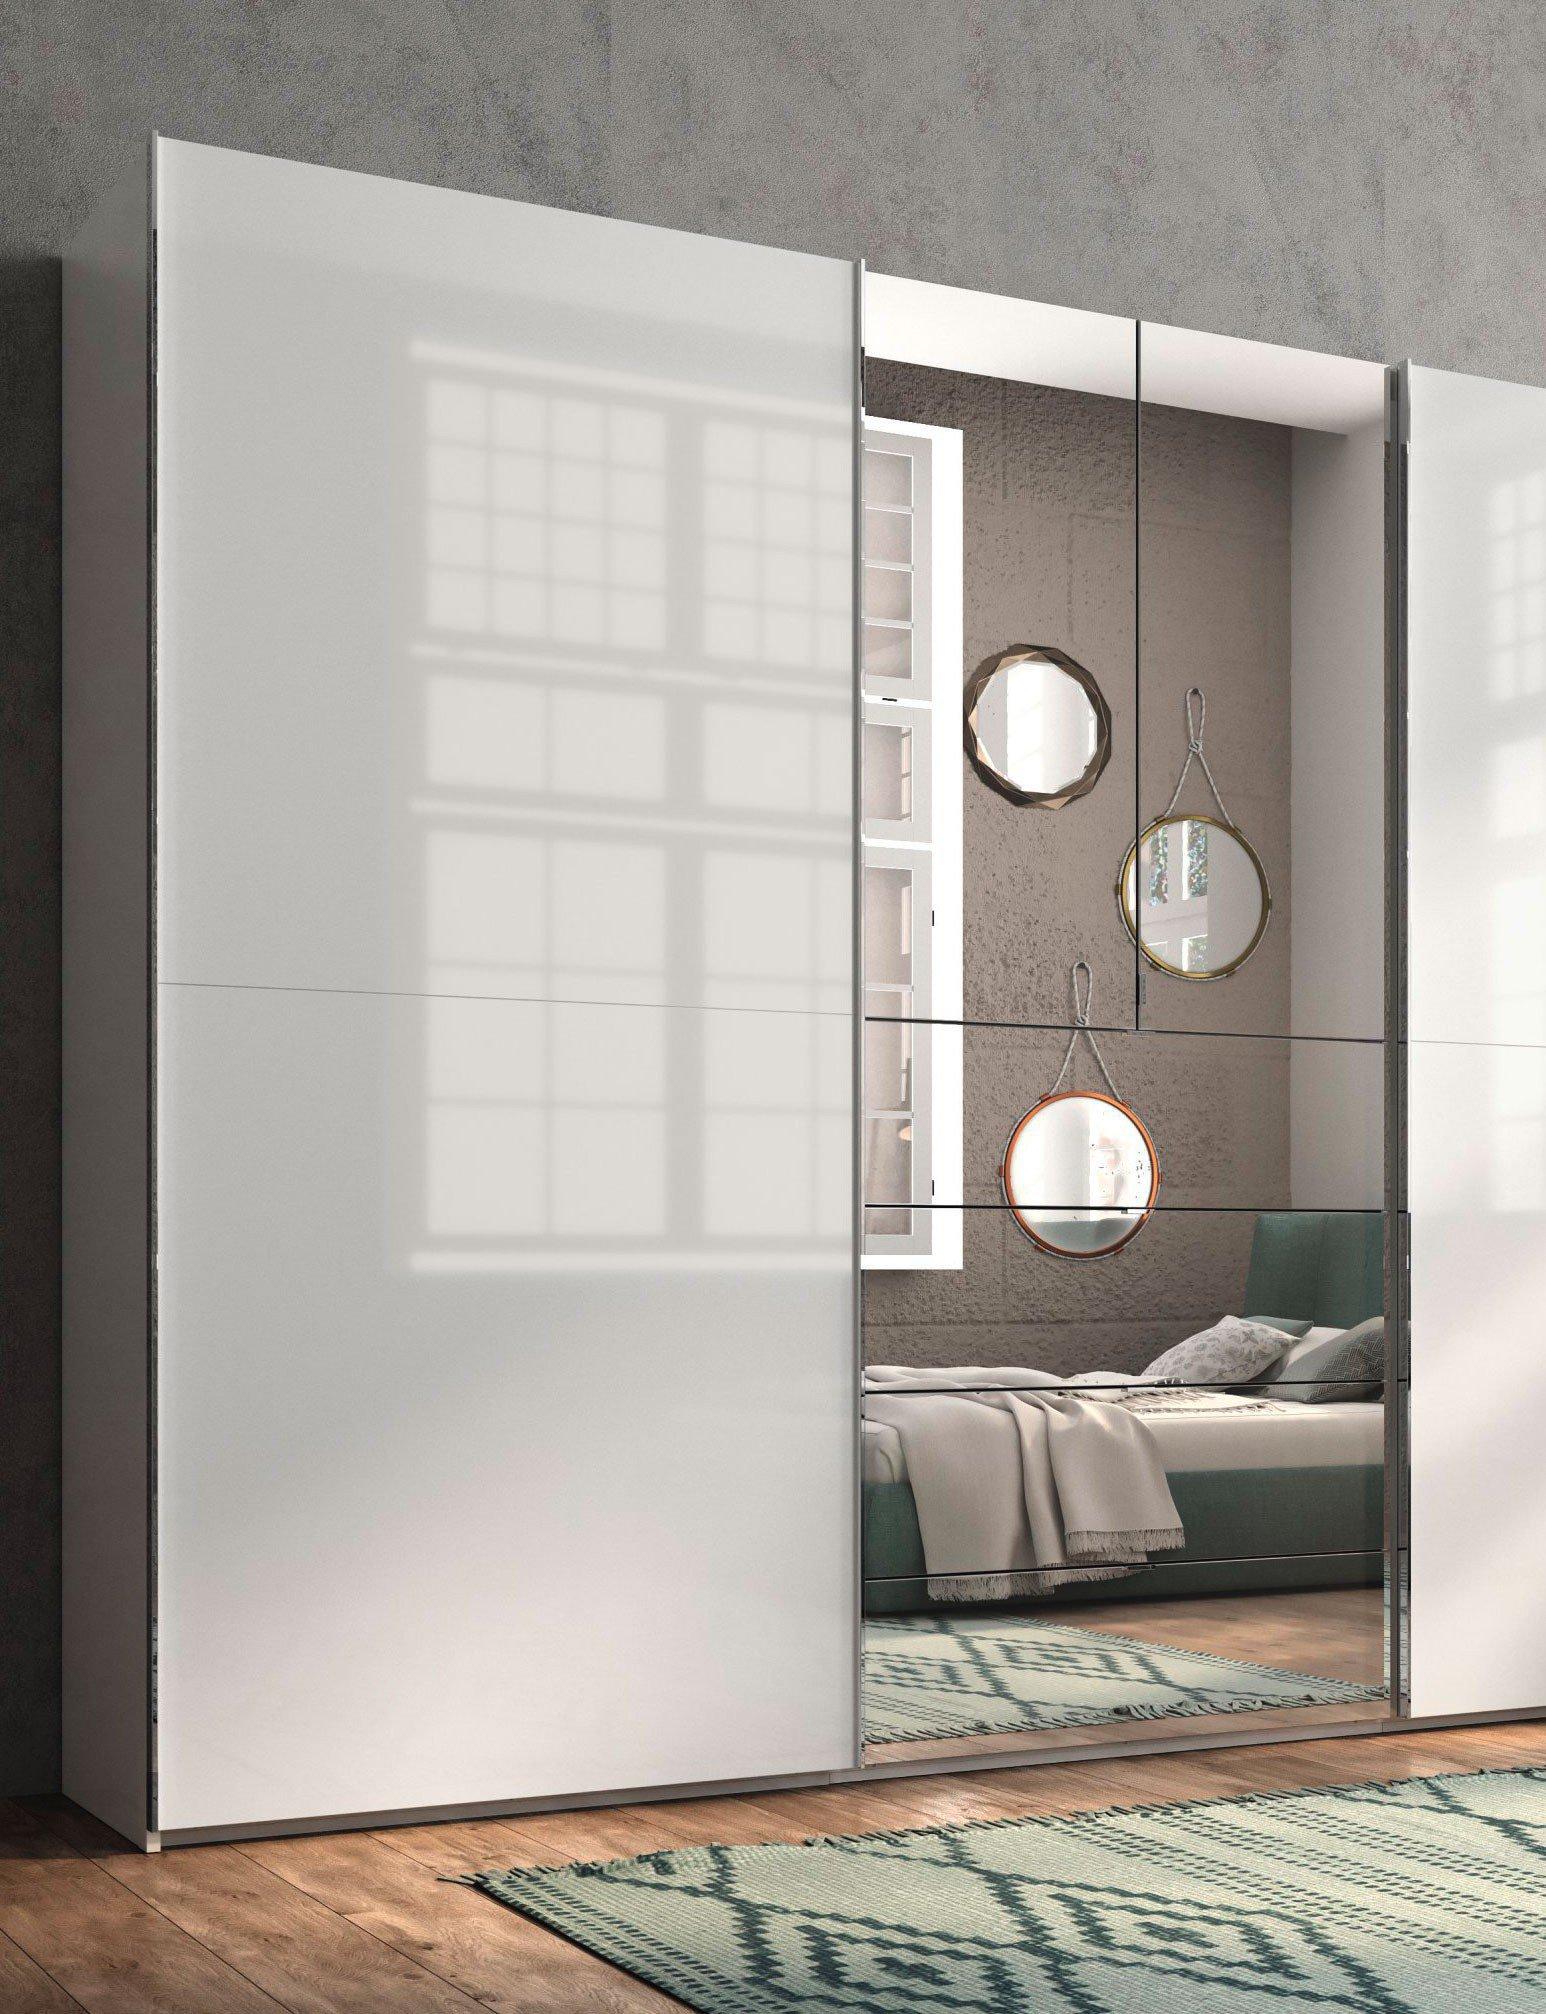 schrank rauch tovalo komplett mit bett schrank von rauch steffen fr die rauch mbel with schrank. Black Bedroom Furniture Sets. Home Design Ideas